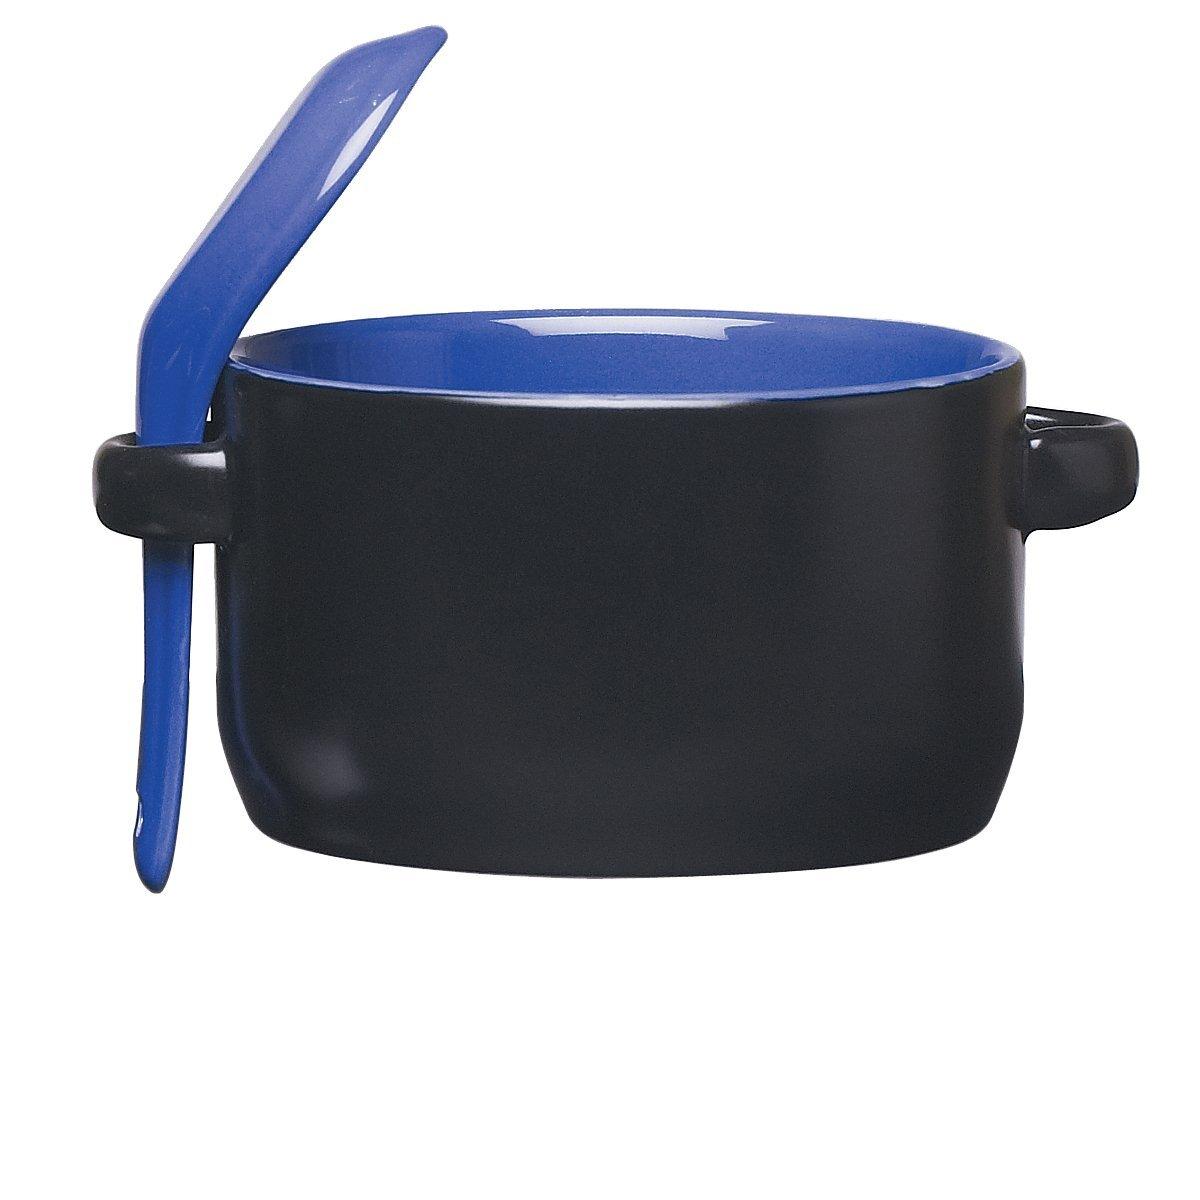 Cosmic Ceramic Soup Mug - Black, 12oz.